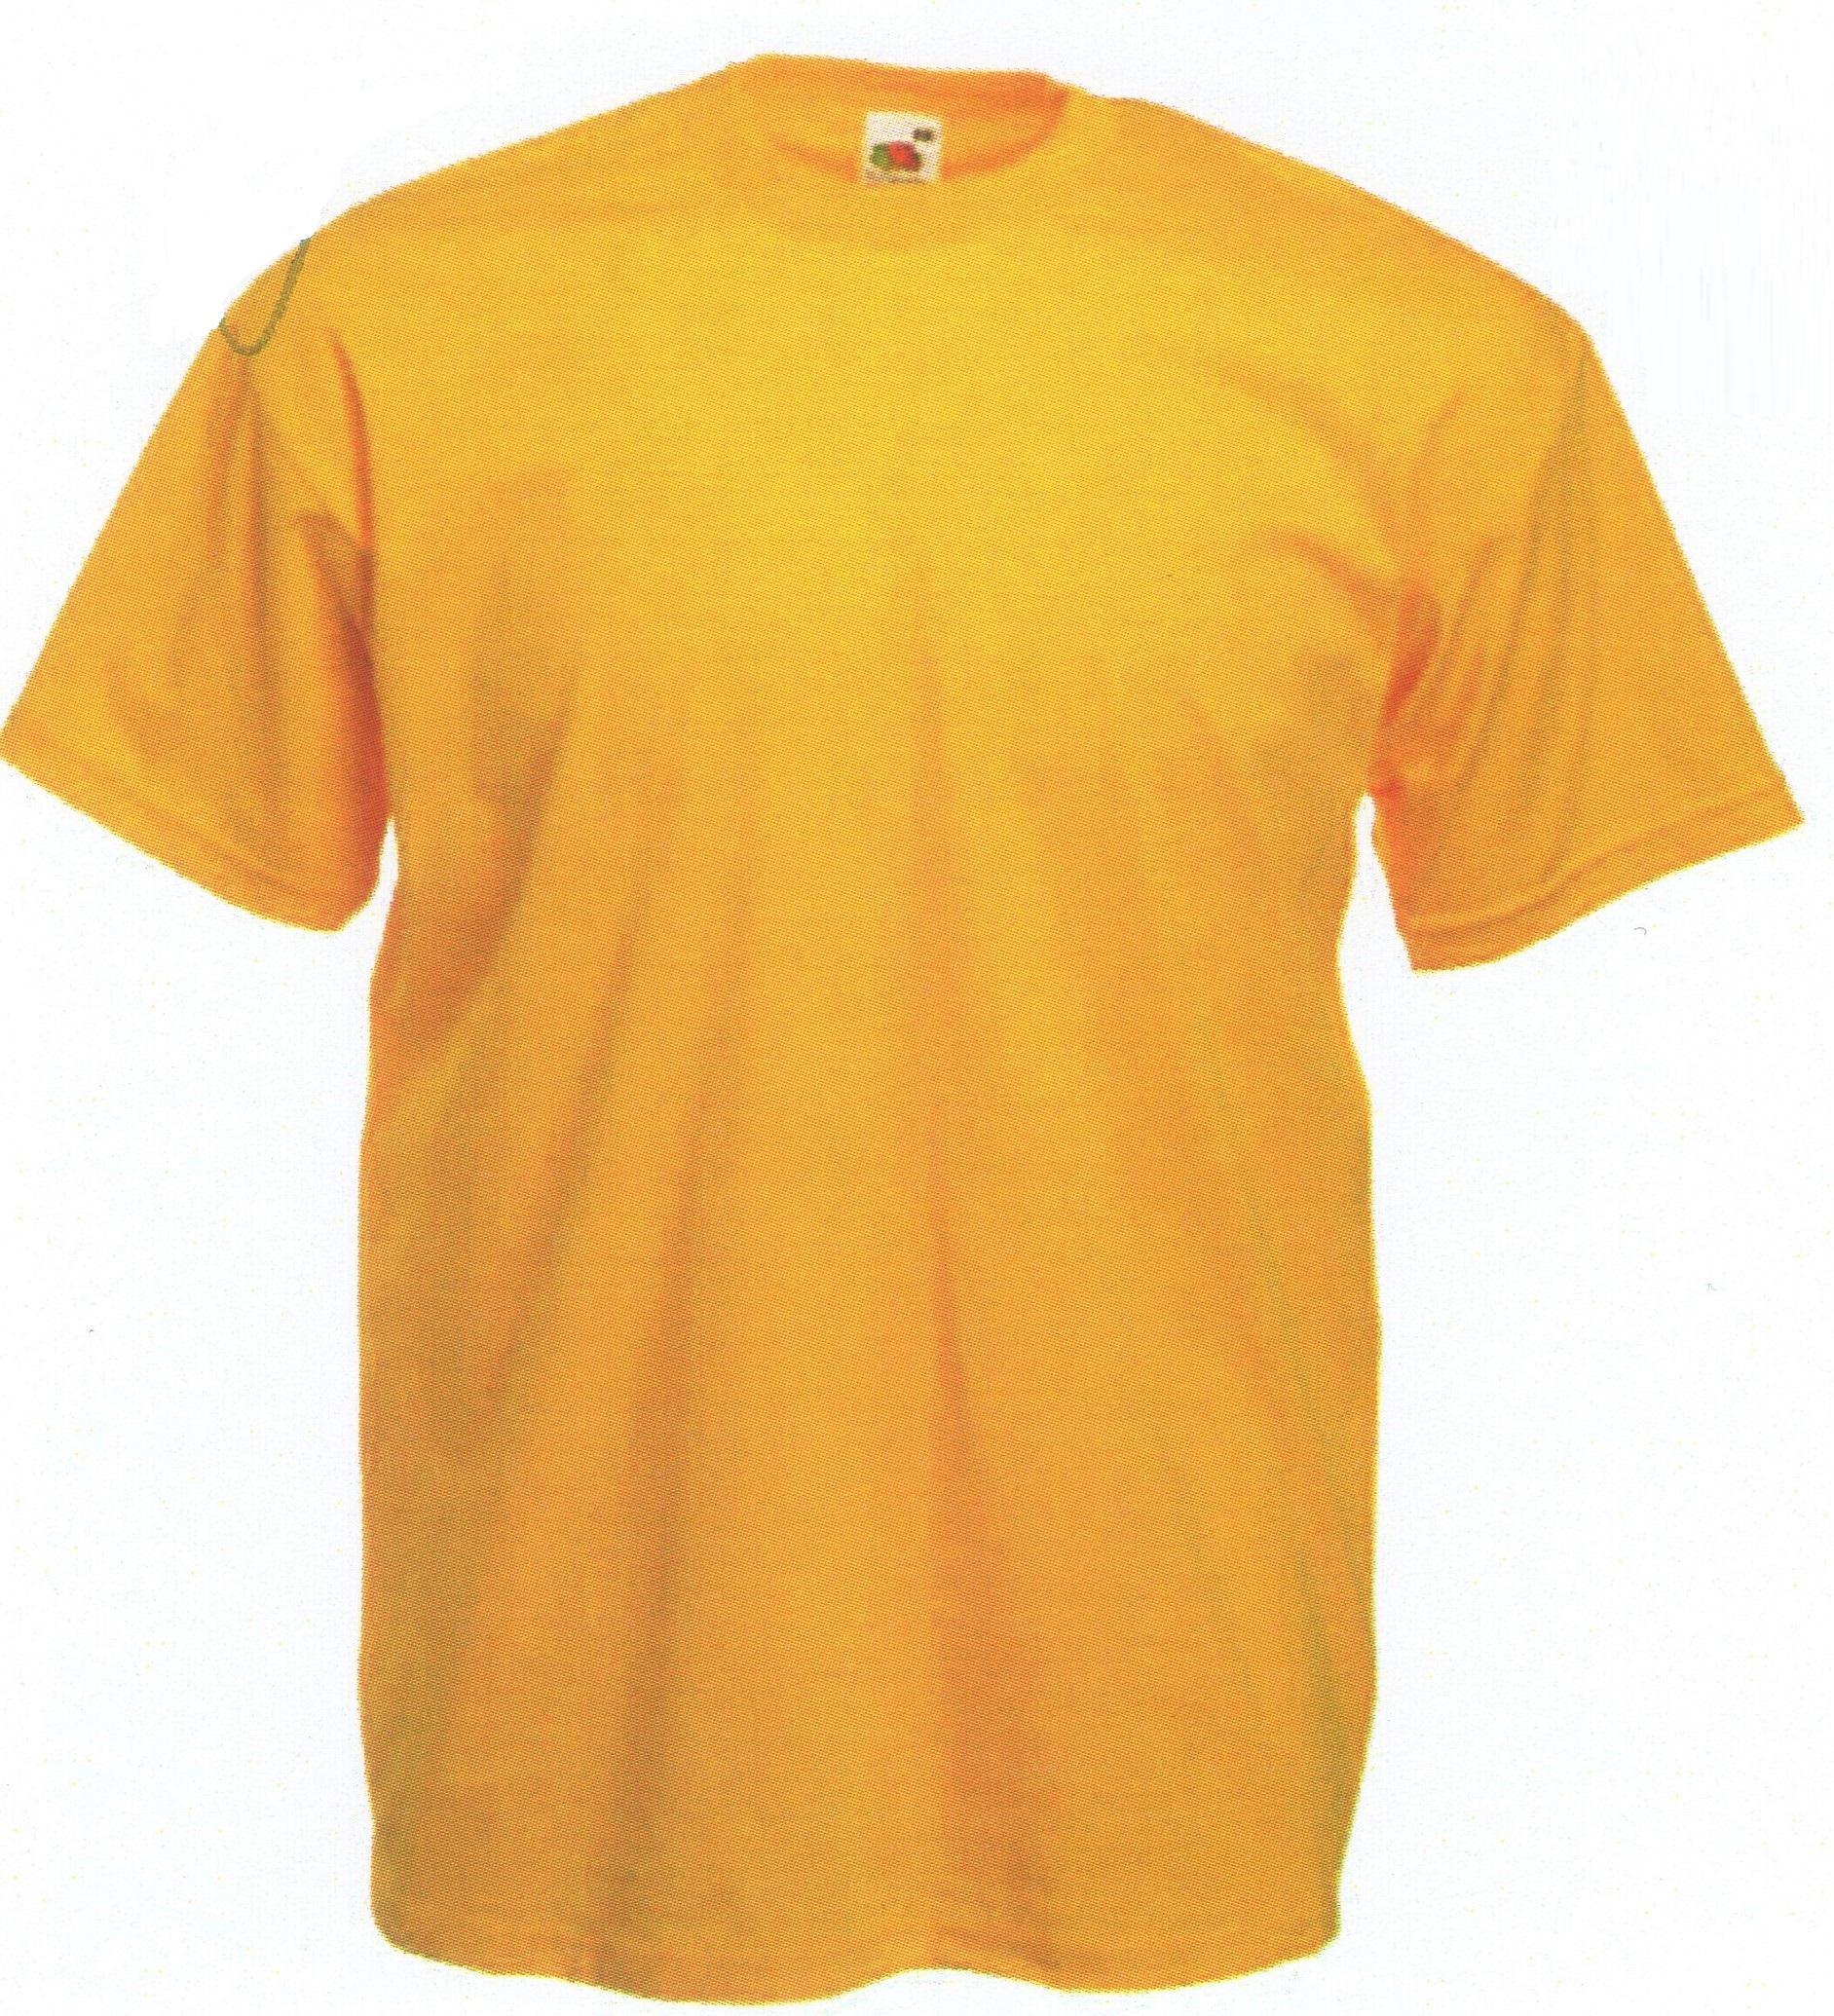 Το πιο δημιοφιλές T-Shirt για εξαιρετική ποιότητα και ανταγωνιστική τιμή! Μεσαίου βάρους νήμα,  Άψογη πλέξη για επιτυχημένη εκτύπωση, ευρεία χρωματική γκάμα. Λεπτομέρεια στο τελείωμα με λαιμό και μανίκι από Βαμβάκι & Λύκρα.